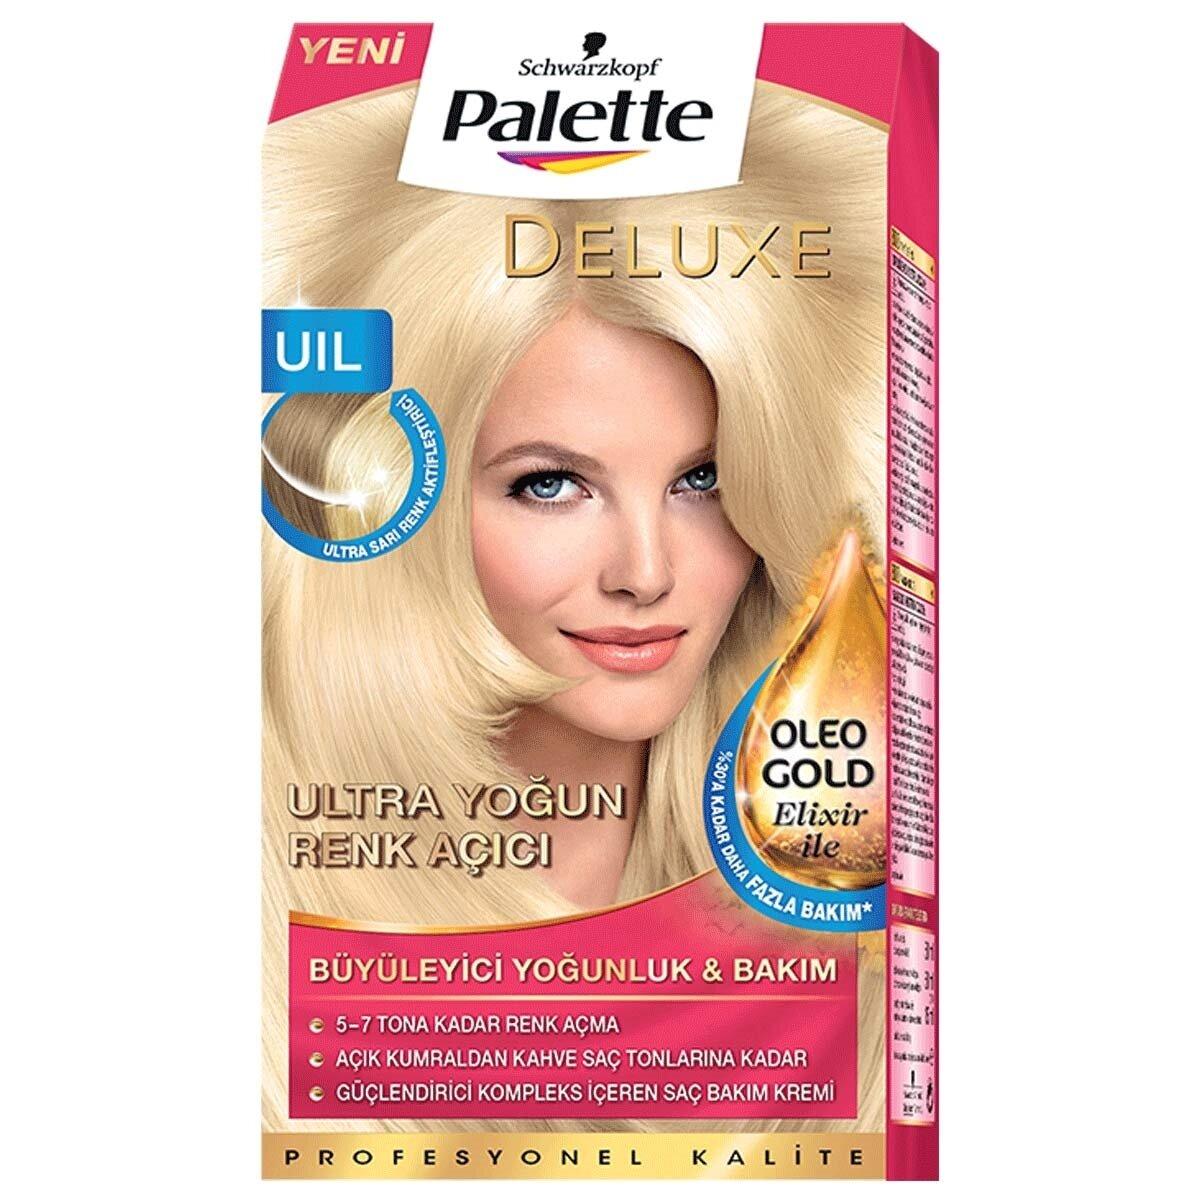 Deluxe Saç Boyası Yoğun Renk Açıcı